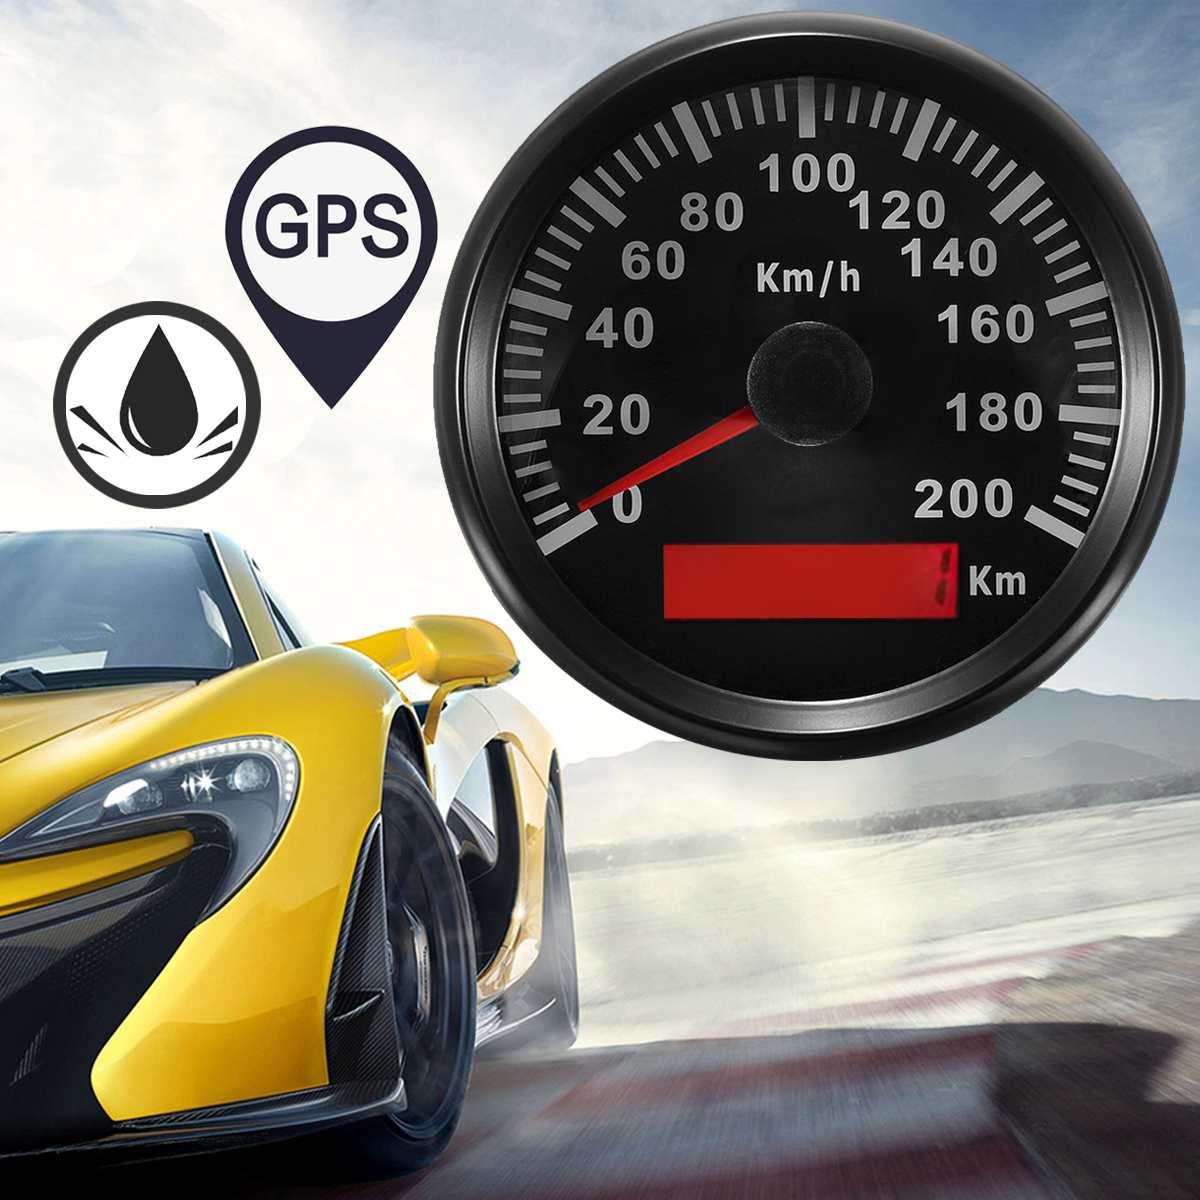 Autoleader universel 85mm GPS compteur de vitesse en acier inoxydable 200 km/h vélo voiture camion moteur Auto avec rétro-éclairage étanche jauges numériques